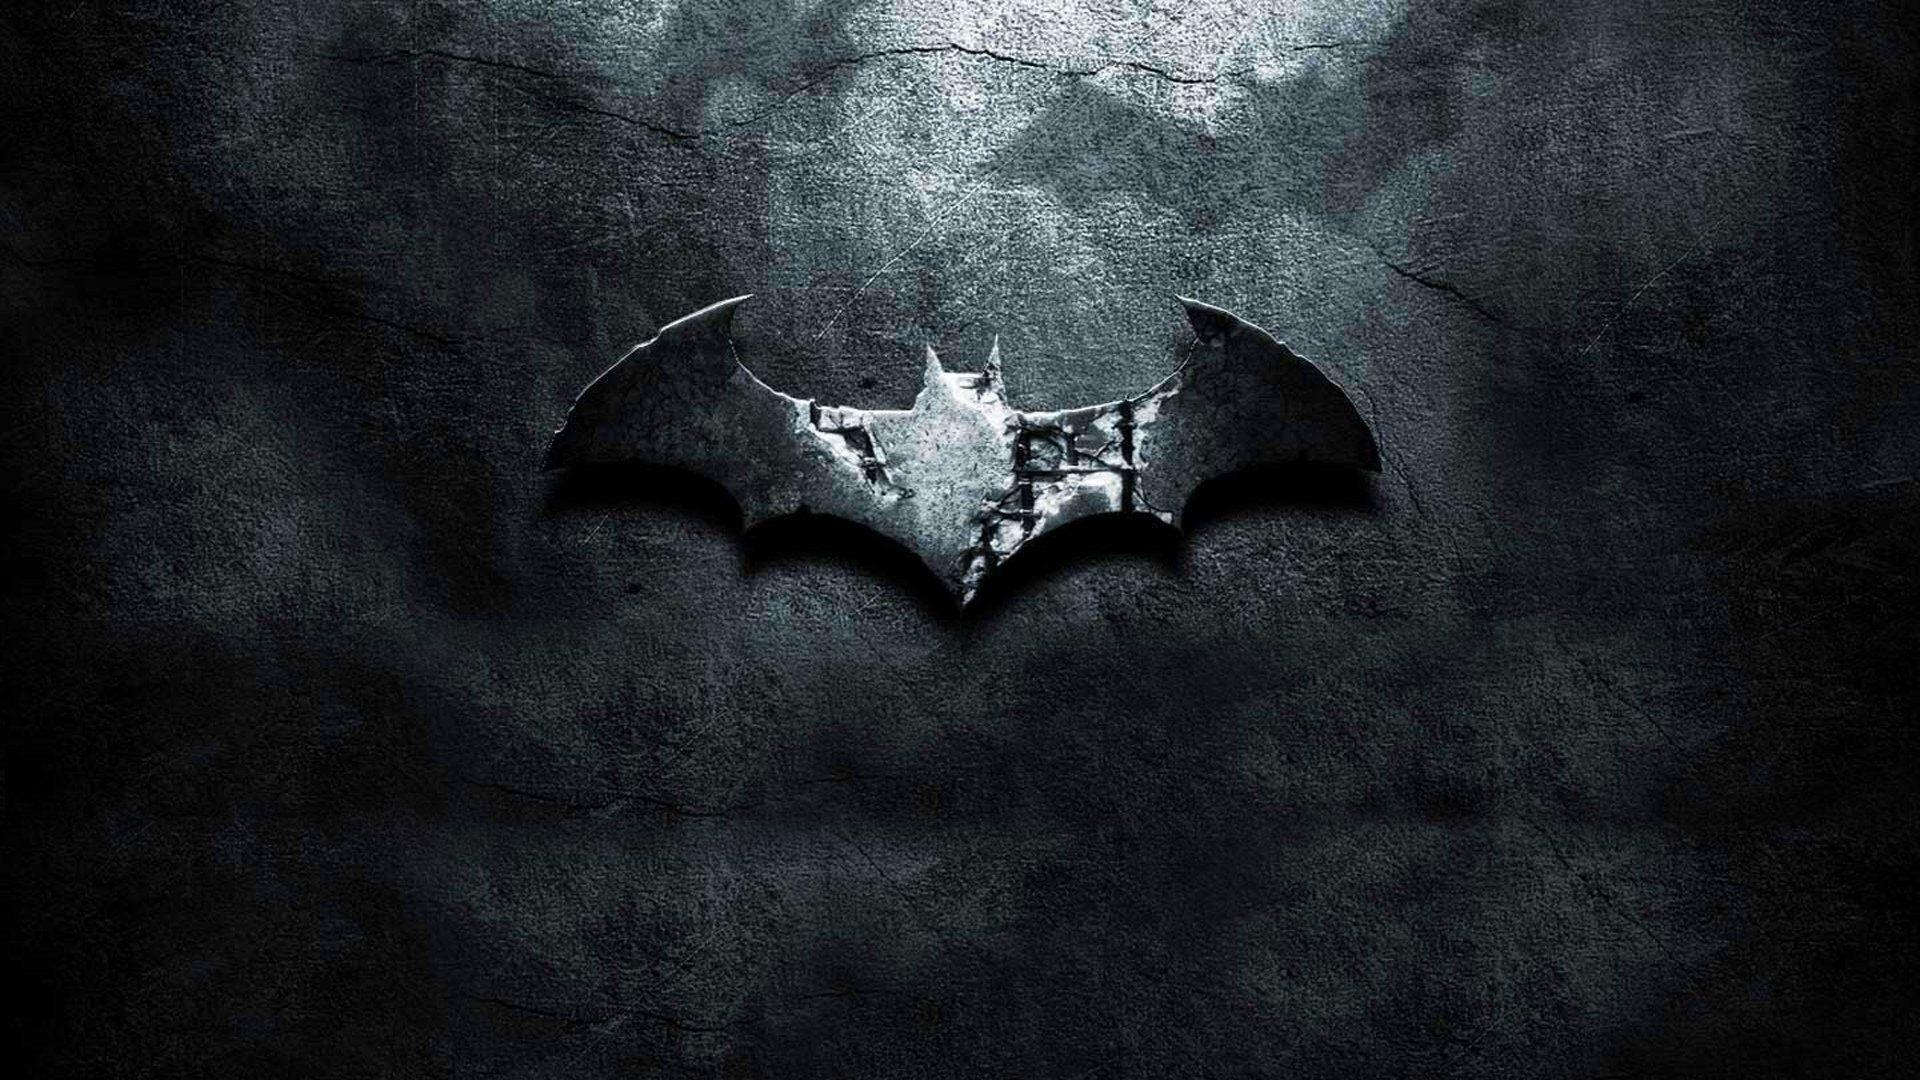 Batman Wallpaper Free Hd Widescreen Batman Wallpaper Batman Backgrounds Batman